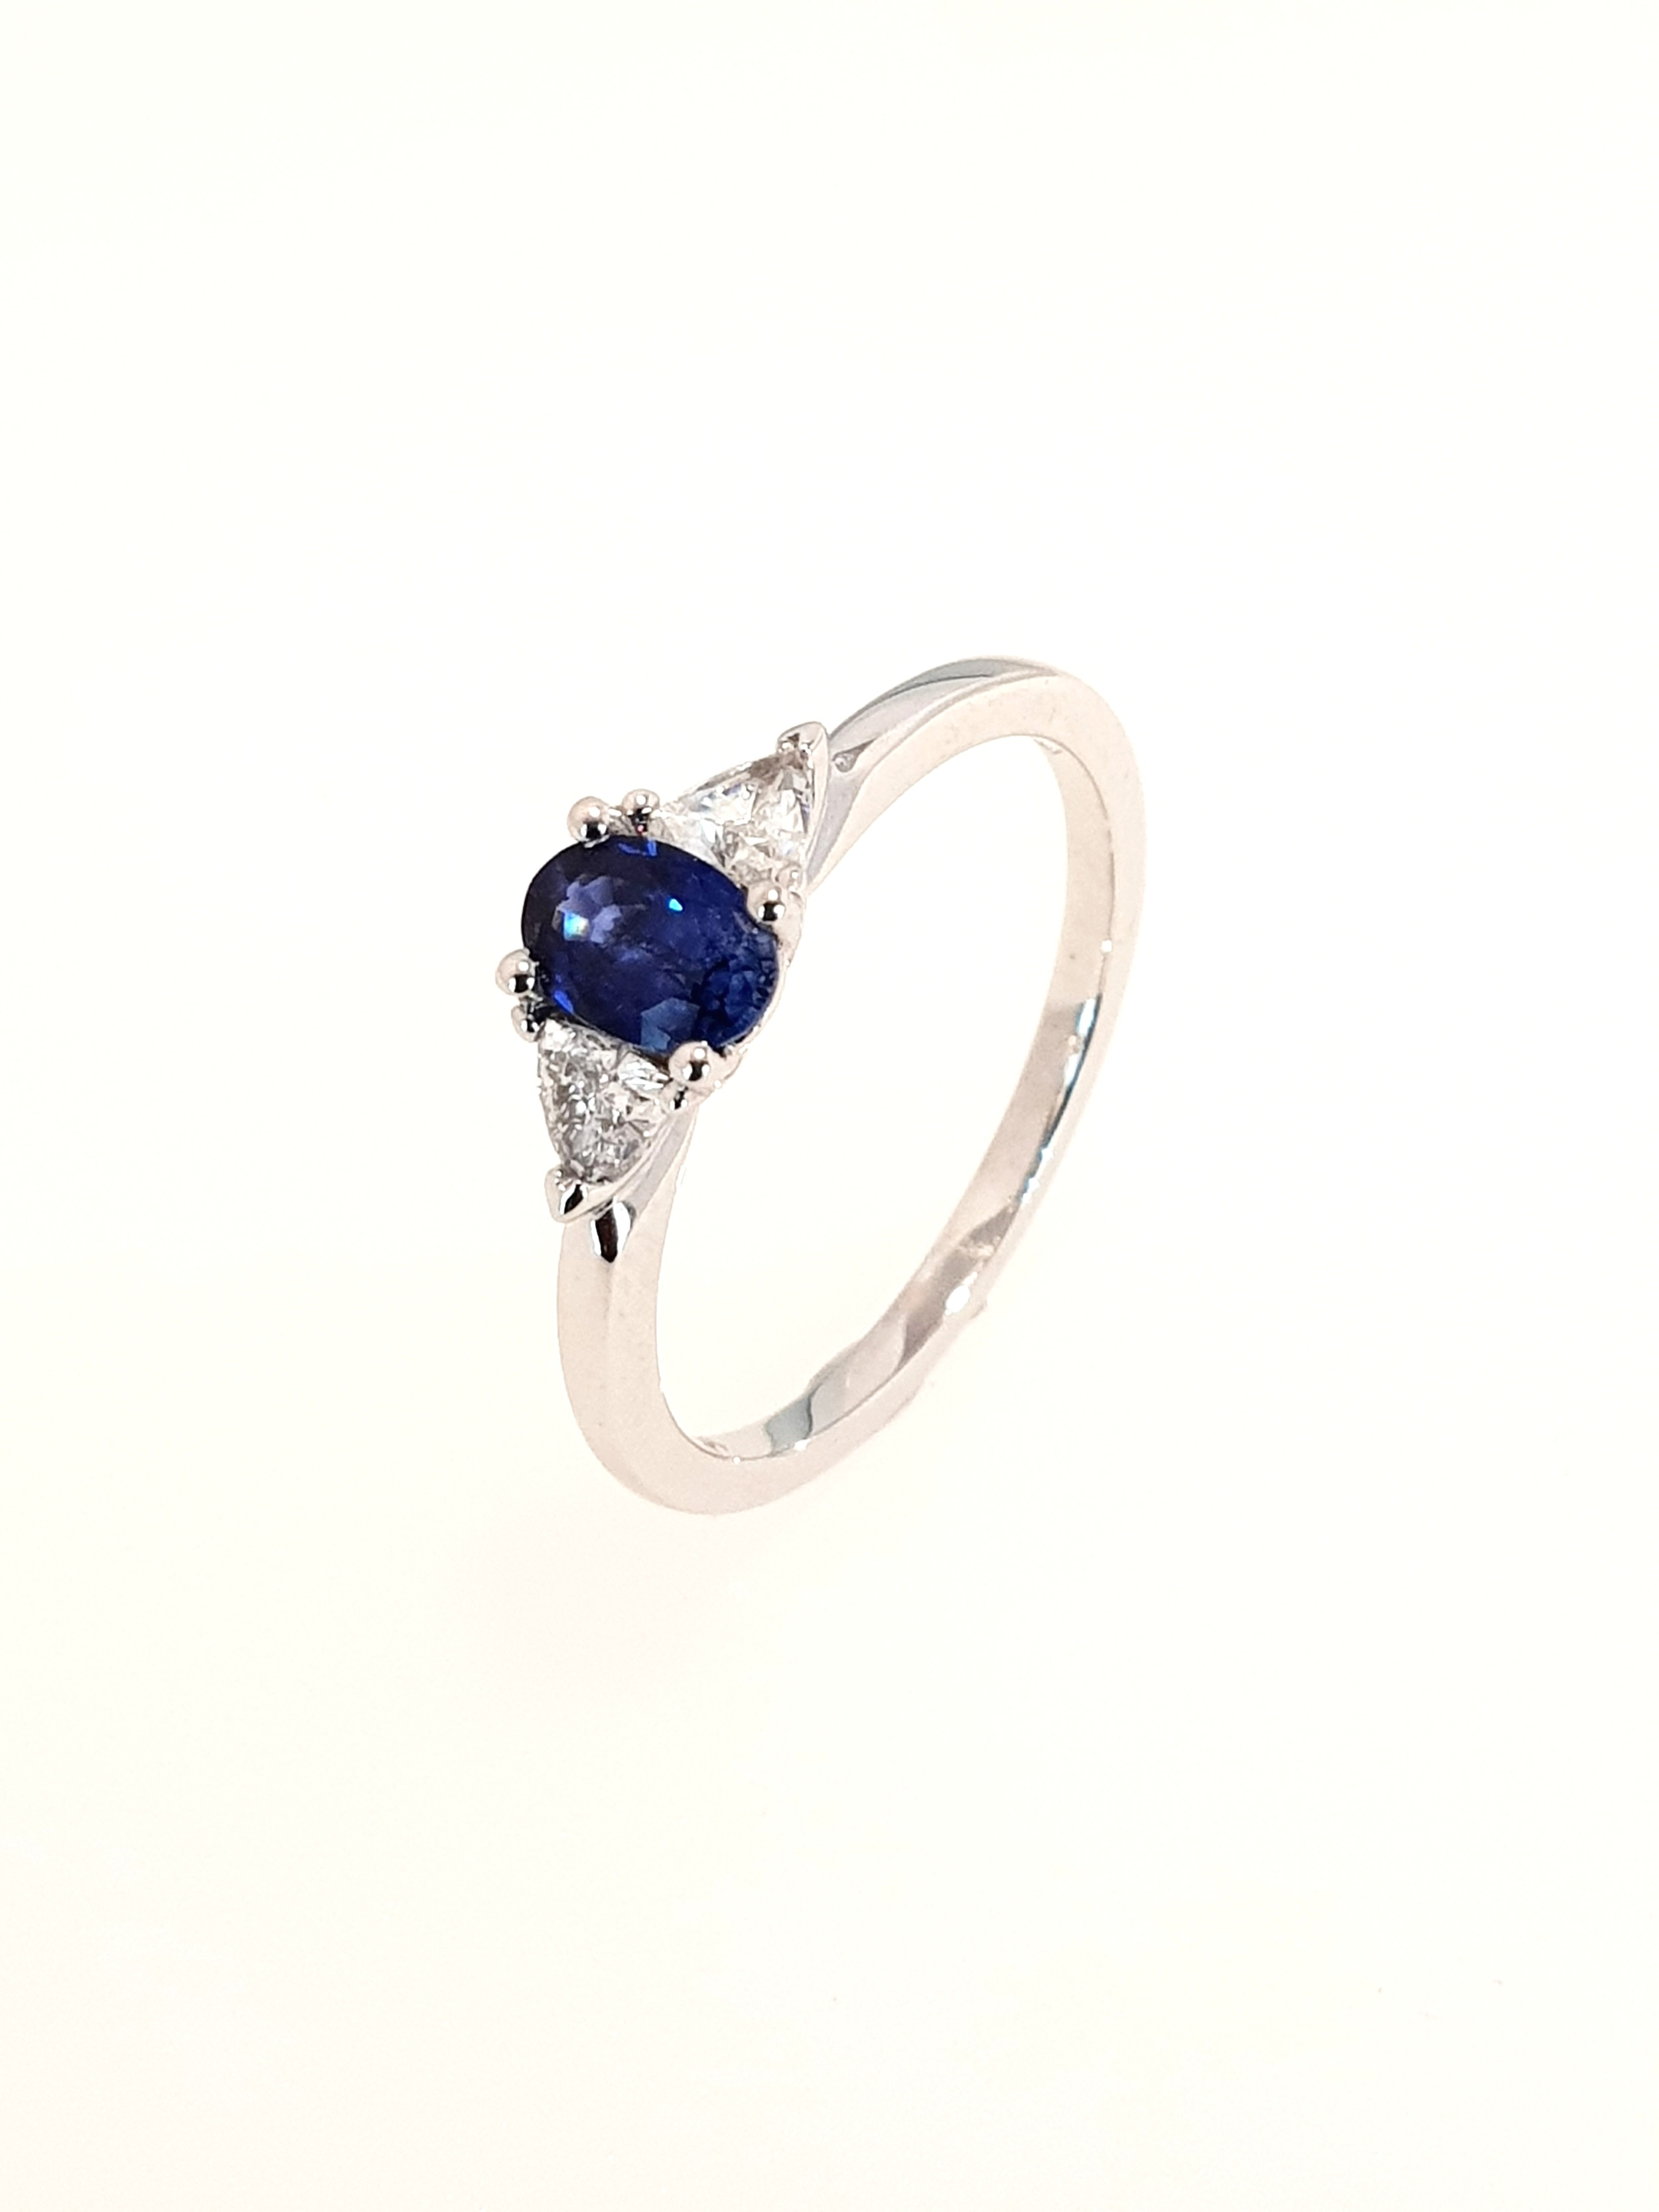 18ct White Gold Sapphire(.54ct) & Diamond Ring  Diamond: .28ct, G, Si1  Stock Code: N8946  £1950